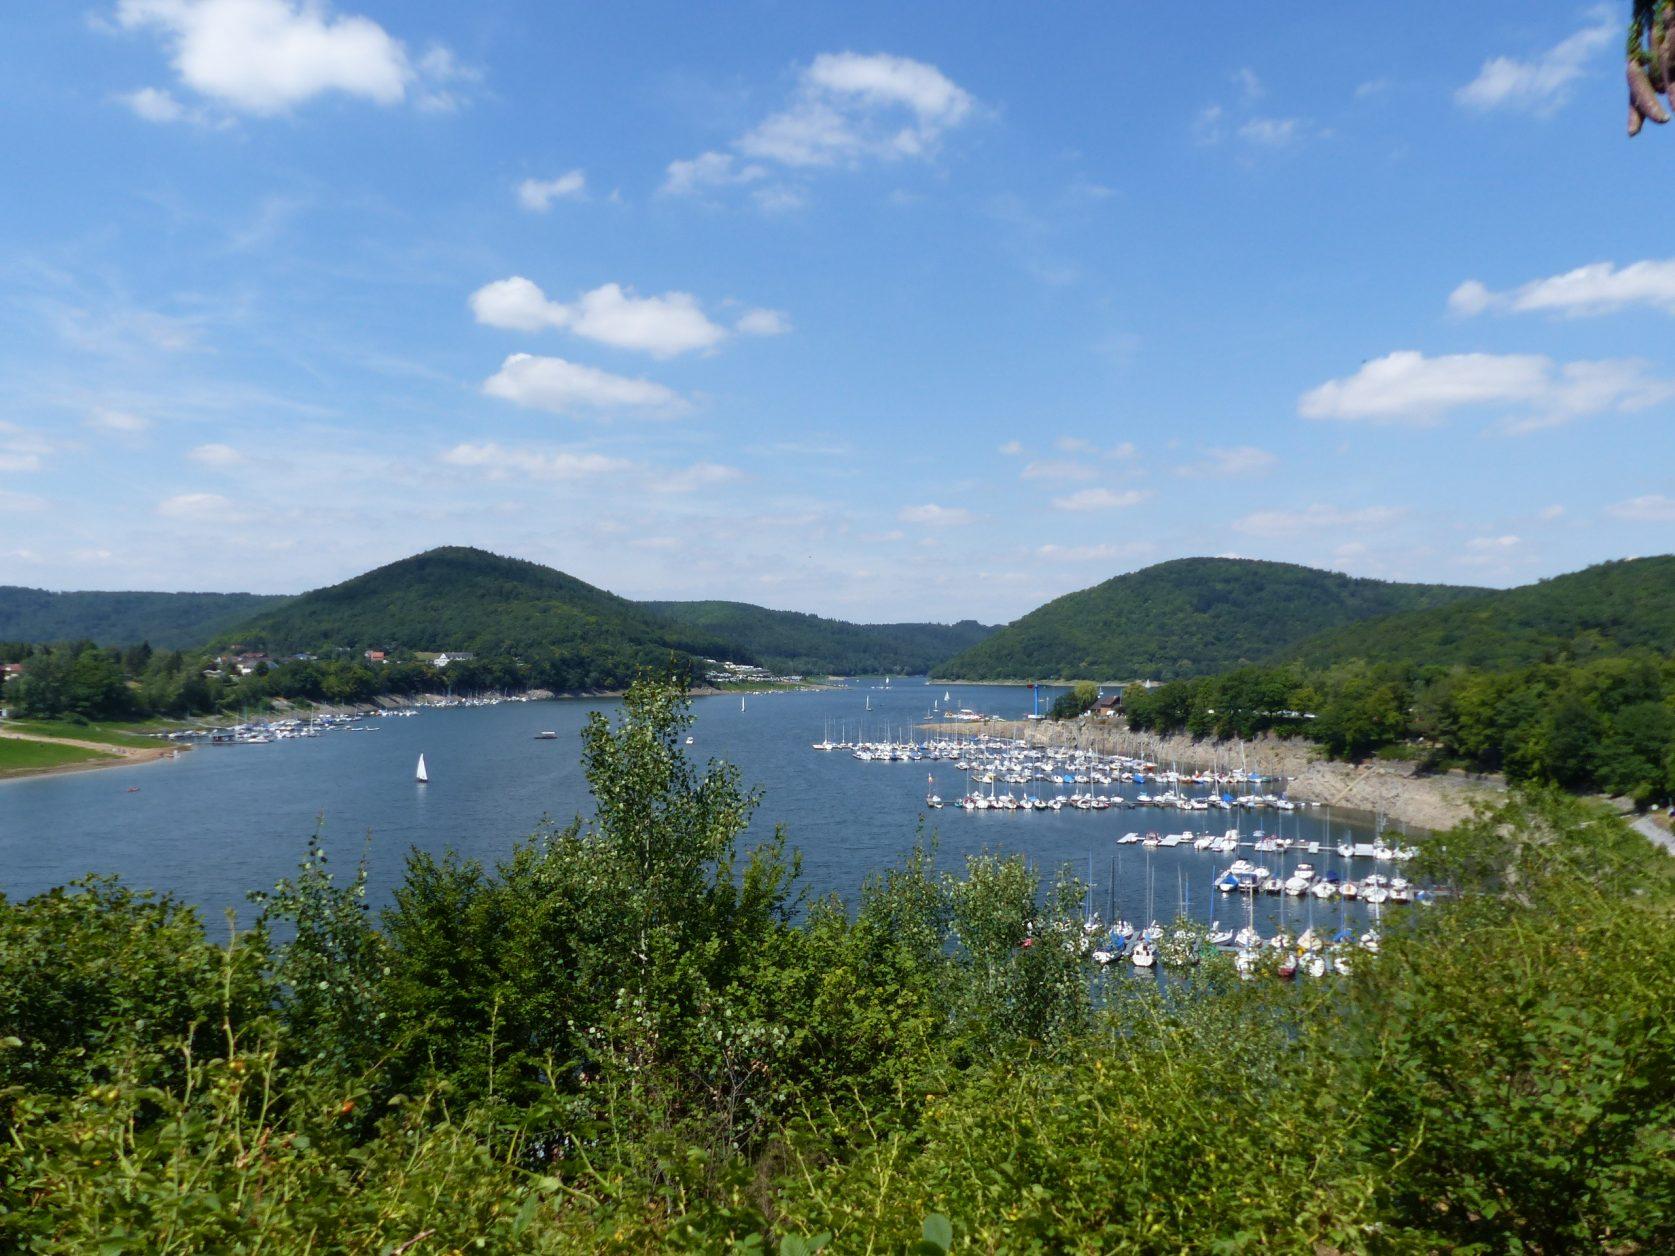 Ein Paradies für Wassersportler ist der Edersee in der Grimmheimat. Foto: Weirauch